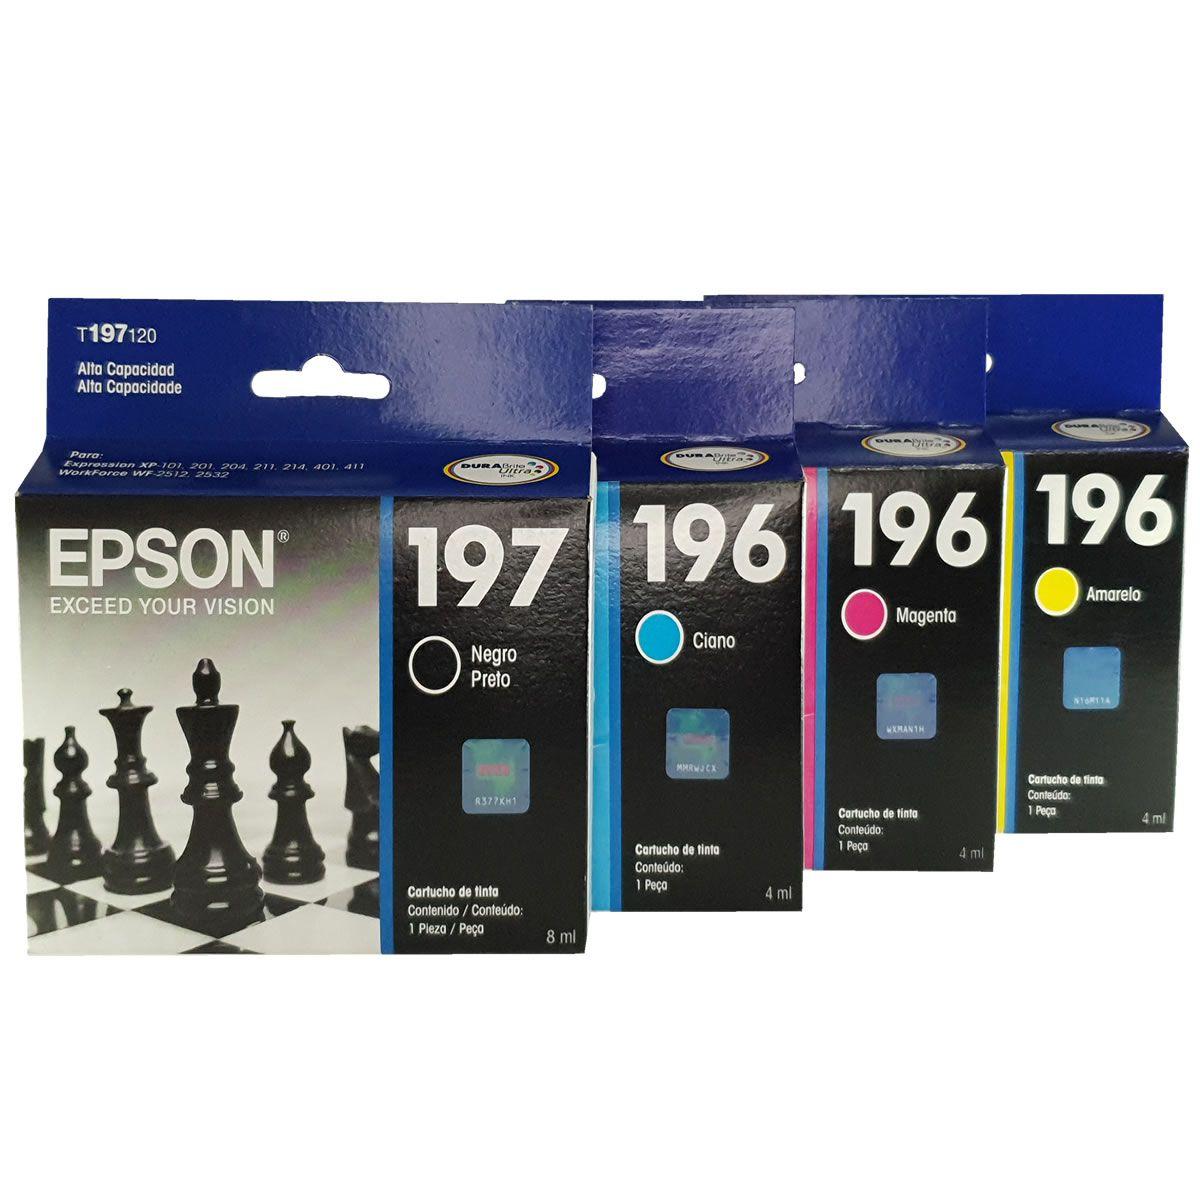 Kit de Cartuchos EPSON 197 196 para Xp201 Xp214 401 Wf2512 T197 T196